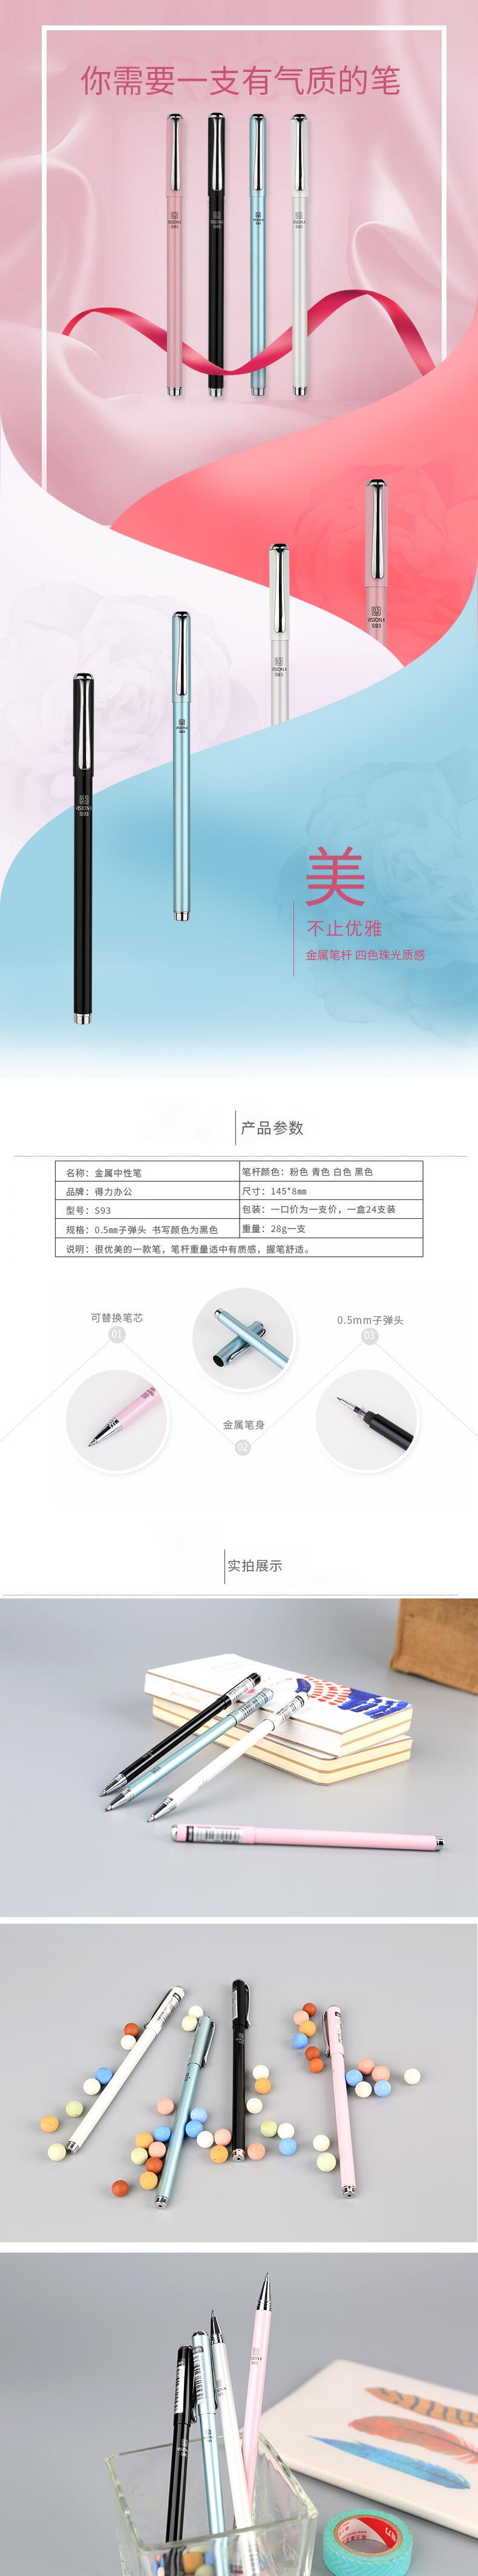 得力S93金属中性笔0.5mm子弹头(黑)